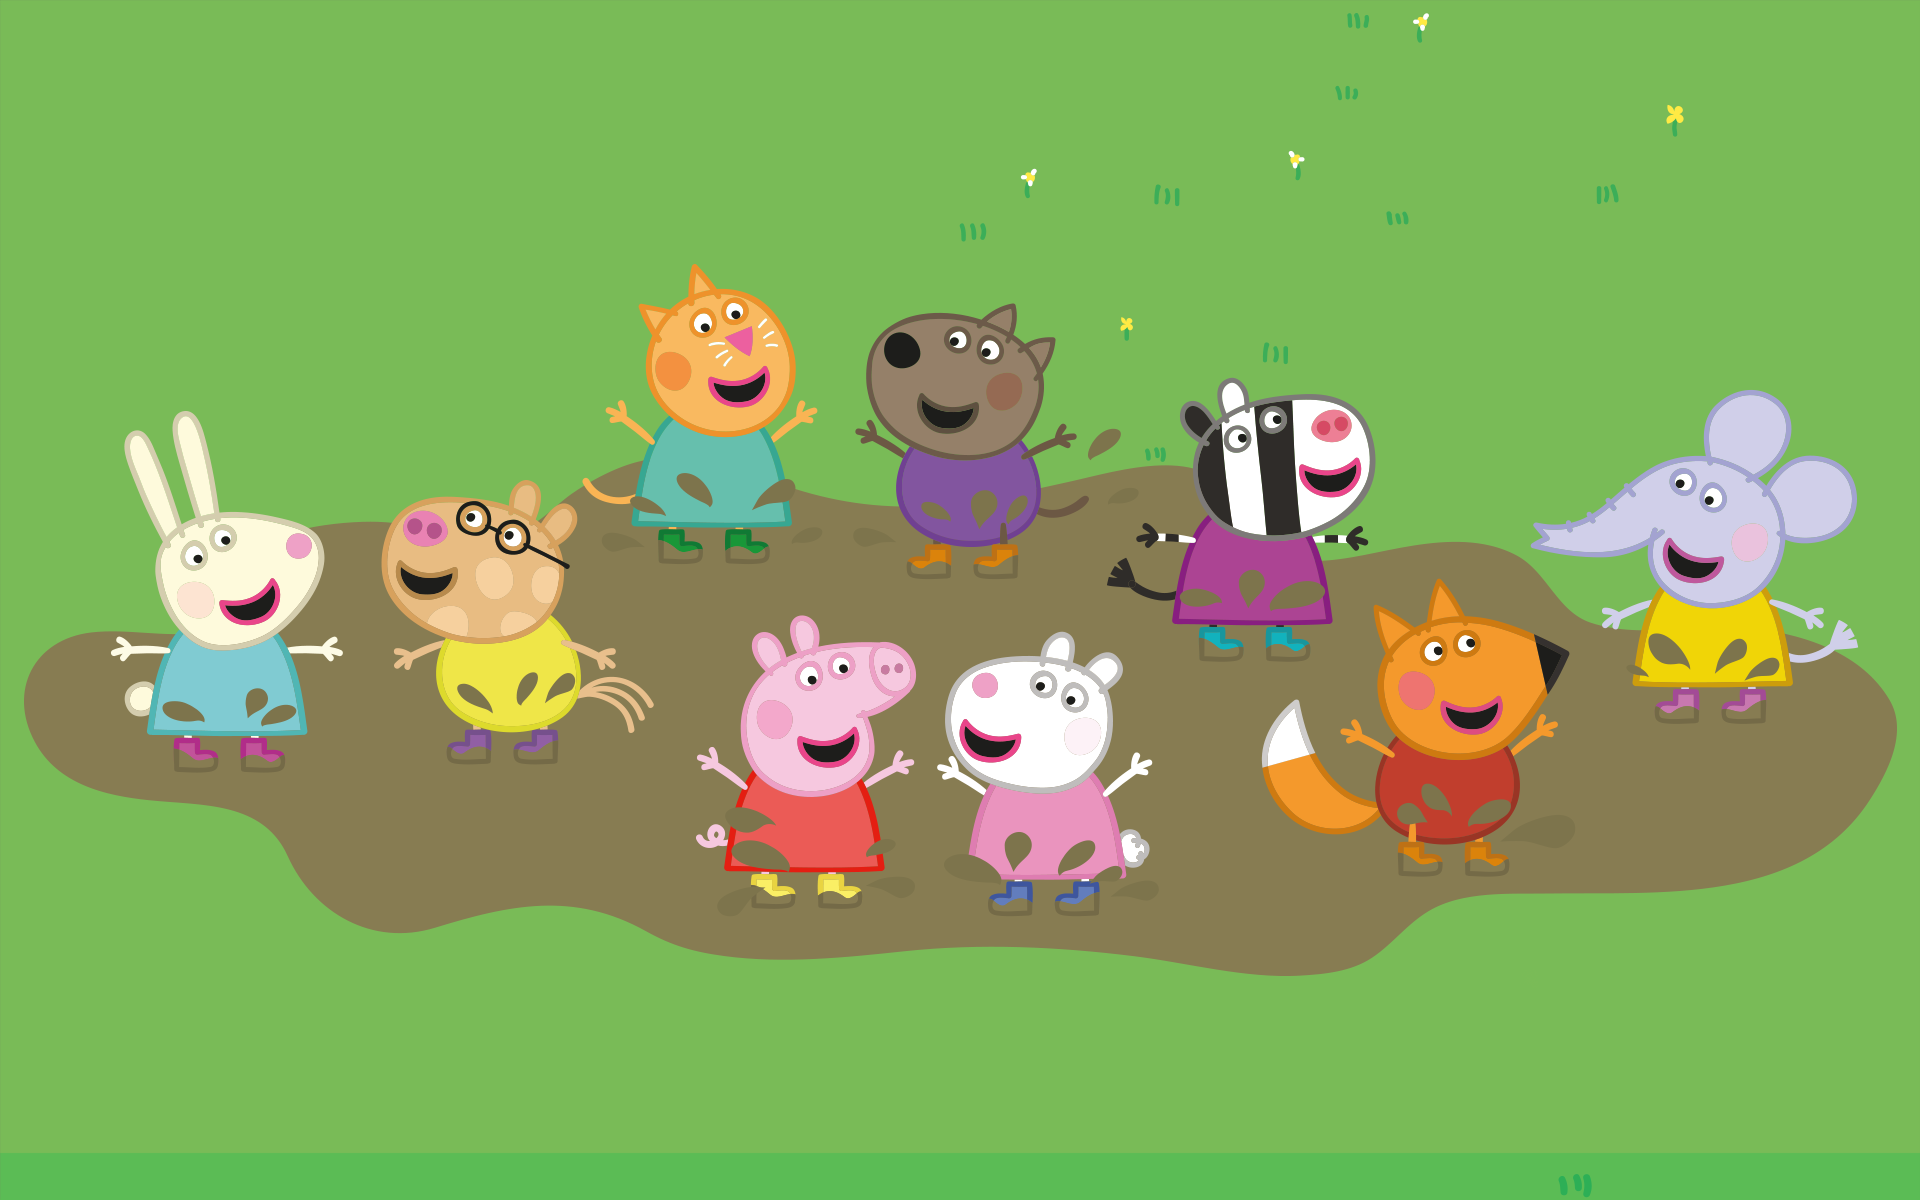 Die Geschichten um Peppa und ihre Tierfreunde wie Freddie Fuchs, Emily Elefant, Molly Mieze und Pedro Pony versprühen gute Laune und animieren Kinder dazu, die Natur zu entdecken und Neues zu probieren. Bild: Peppa Pig © Astley Baker Davies Ltd/Entertainment One UK Ltd 2003